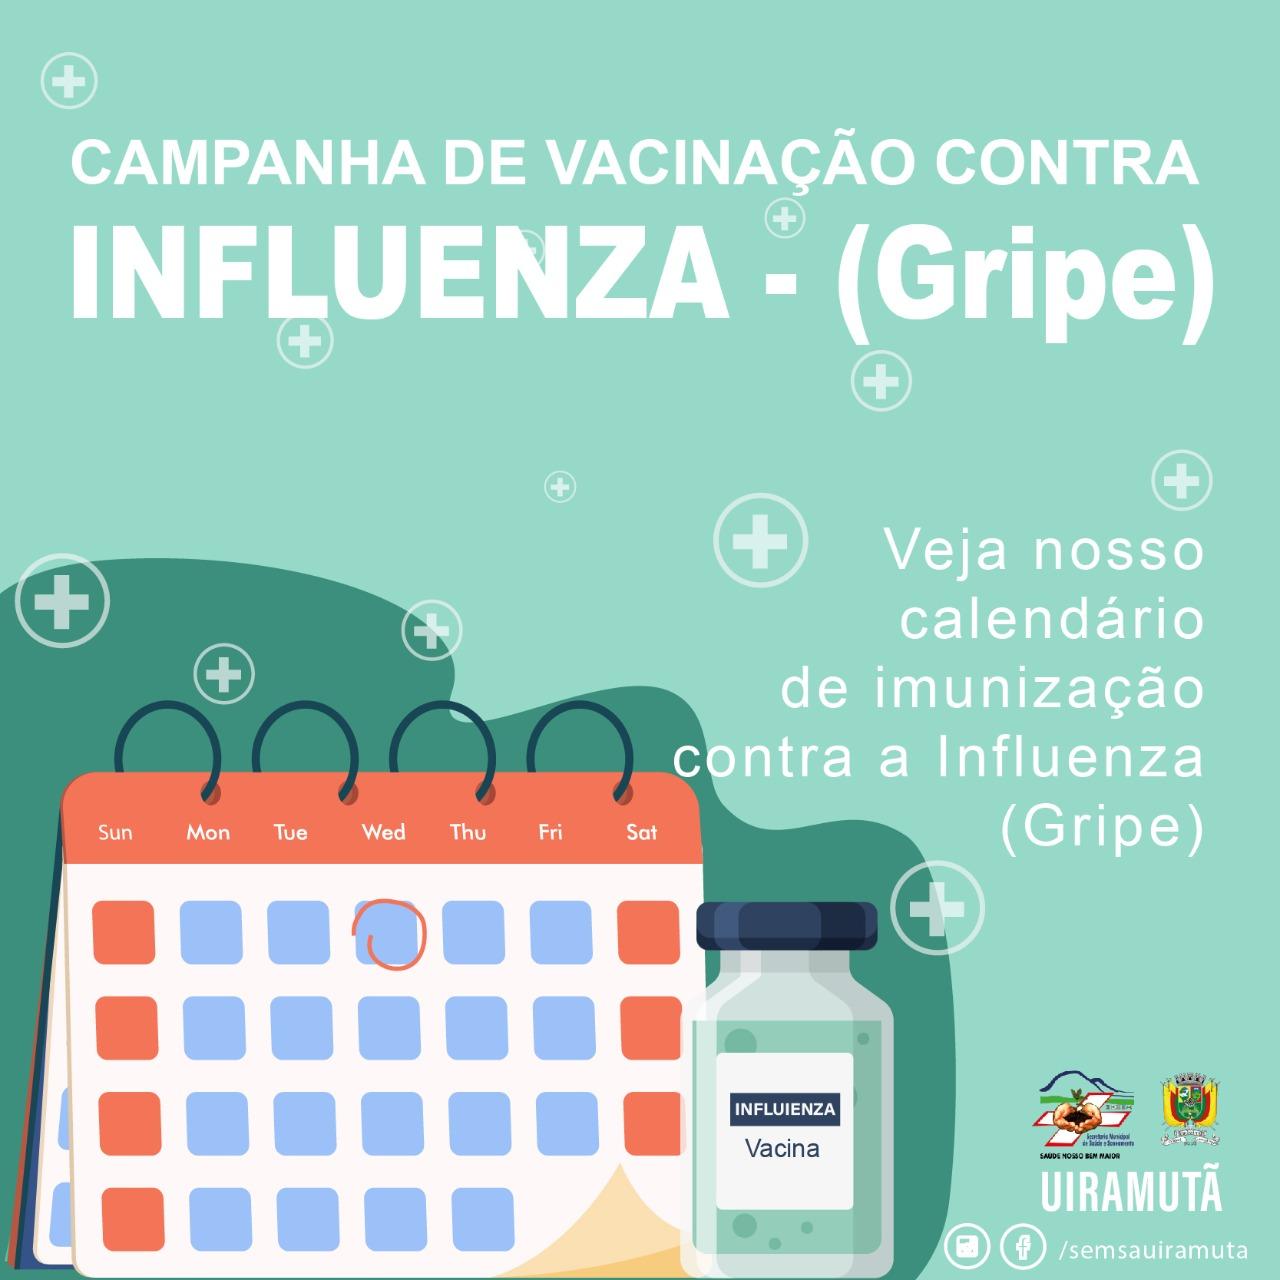 Campanha de Vacinação contra a Influenza (vírus da gripe)